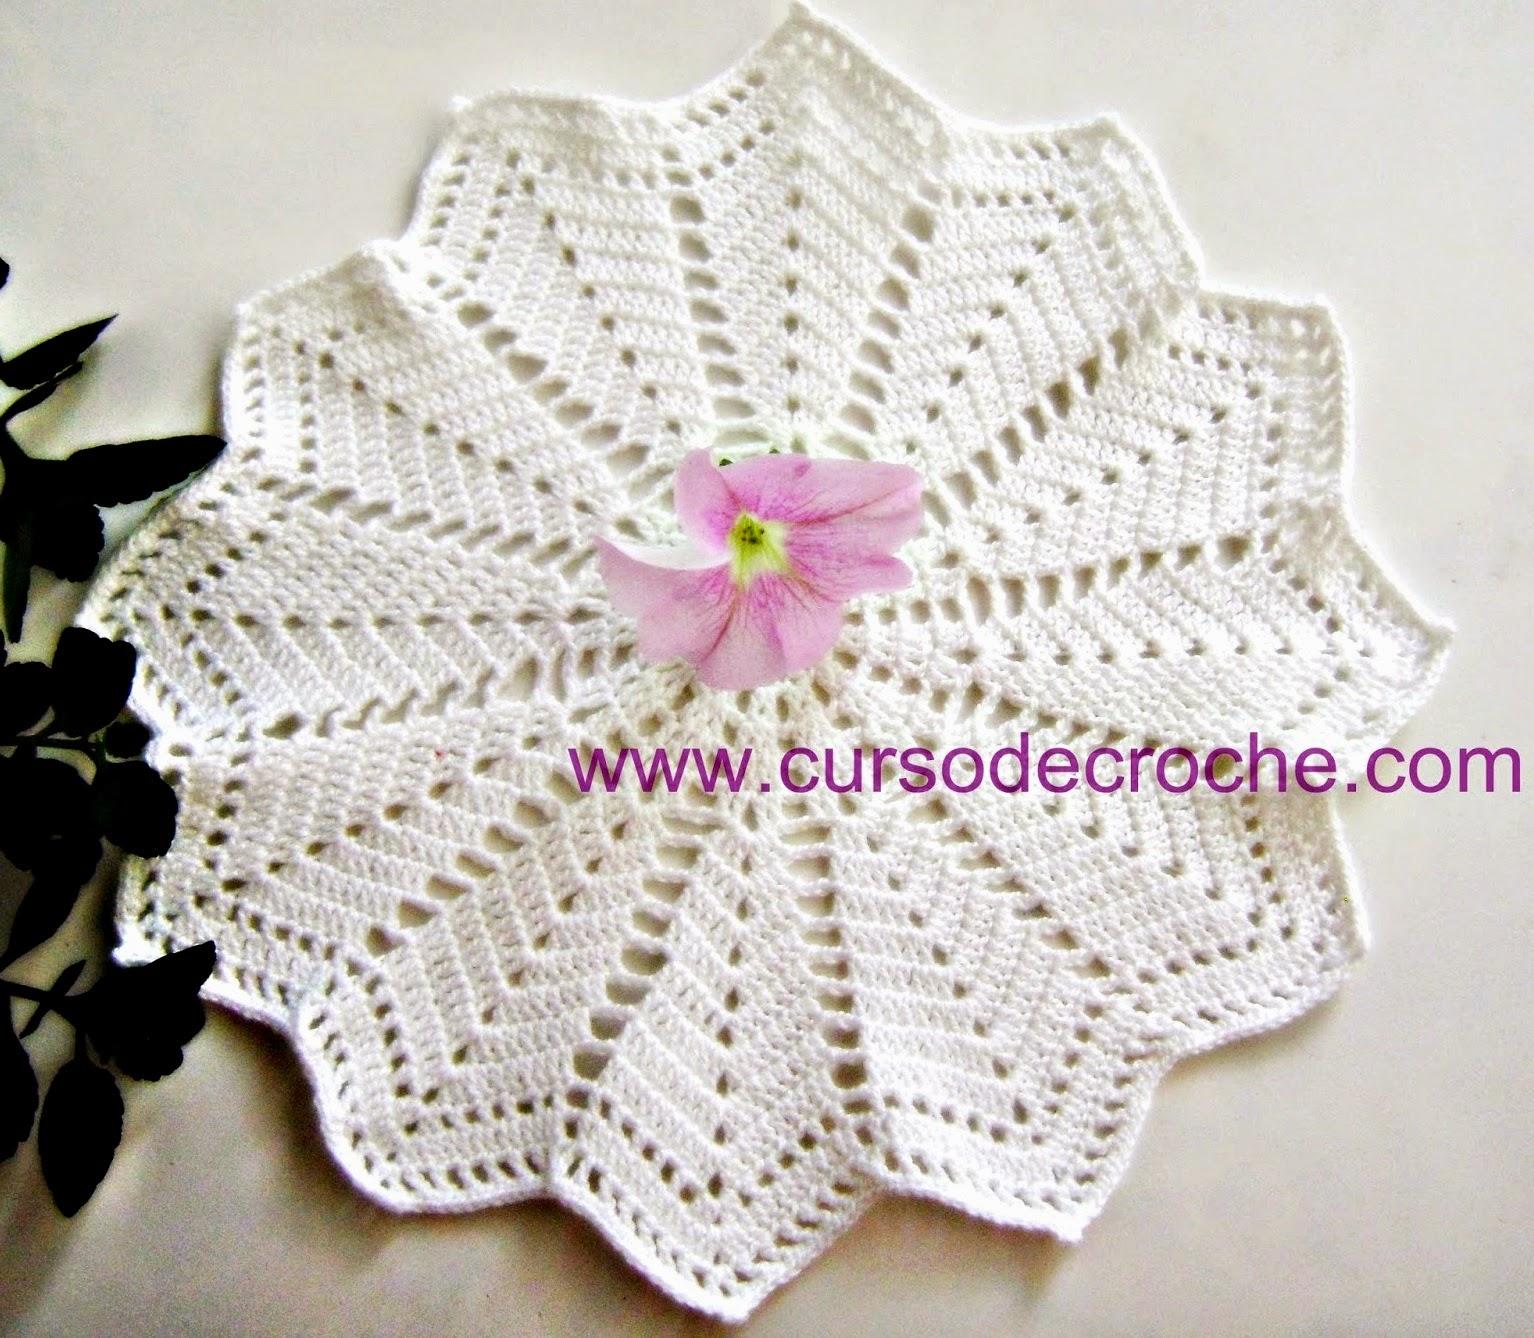 aprender croche dvd toalhas caminhos tapetes toalhinhas bebê decoração curso de croche loja frete gratis